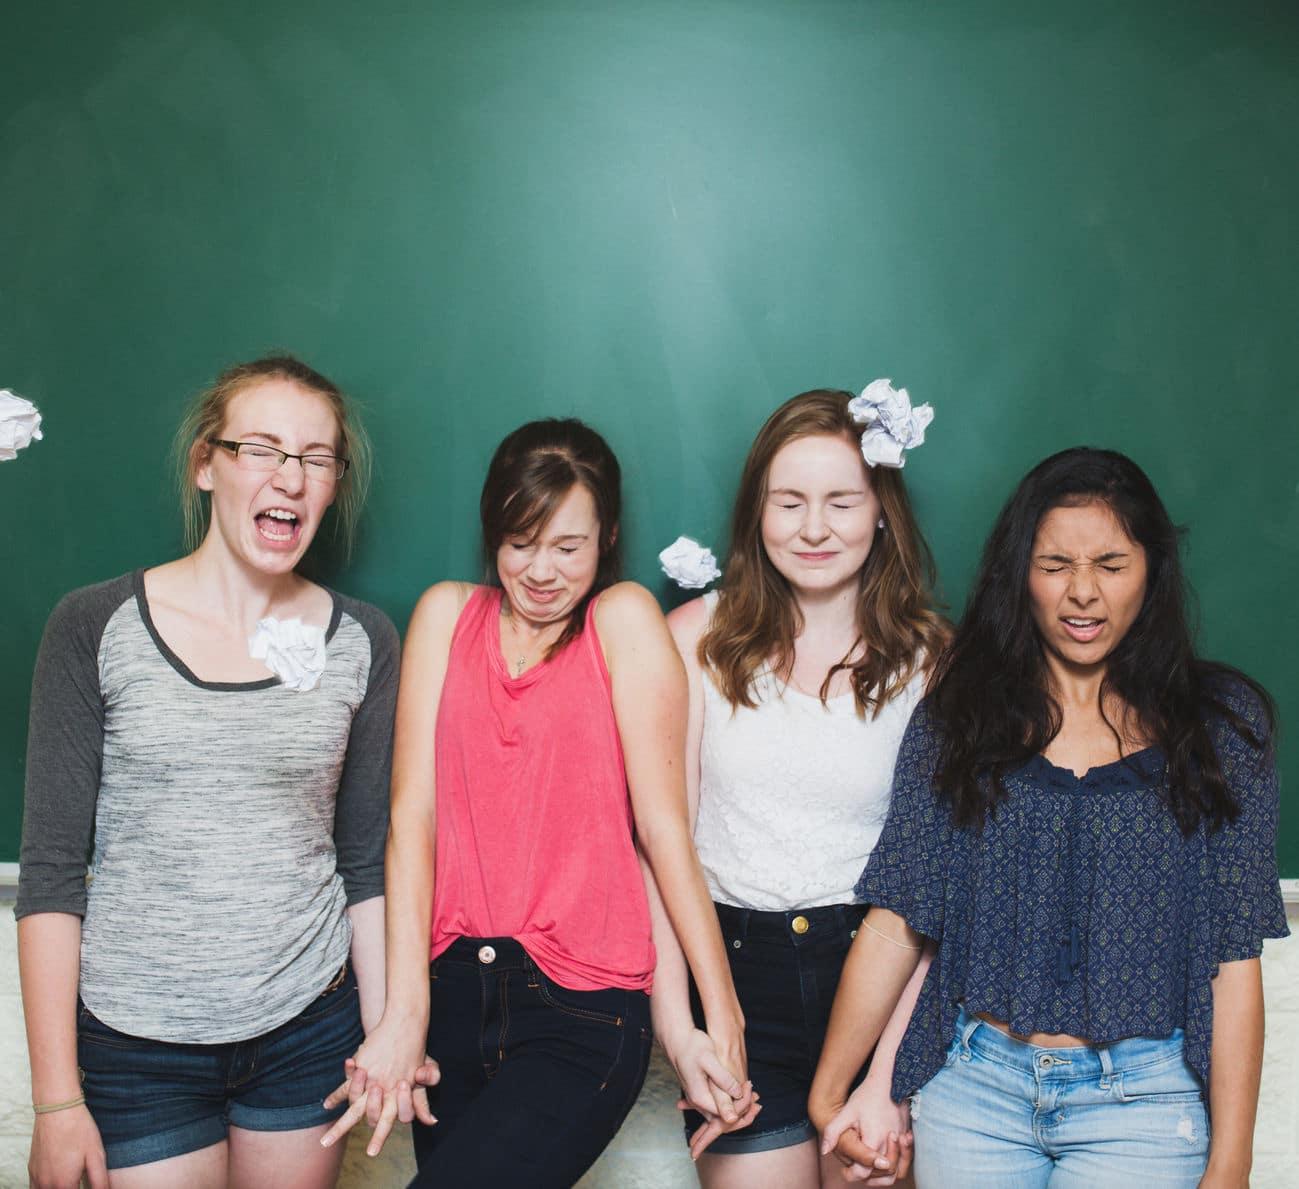 Gruppe von Mädchen